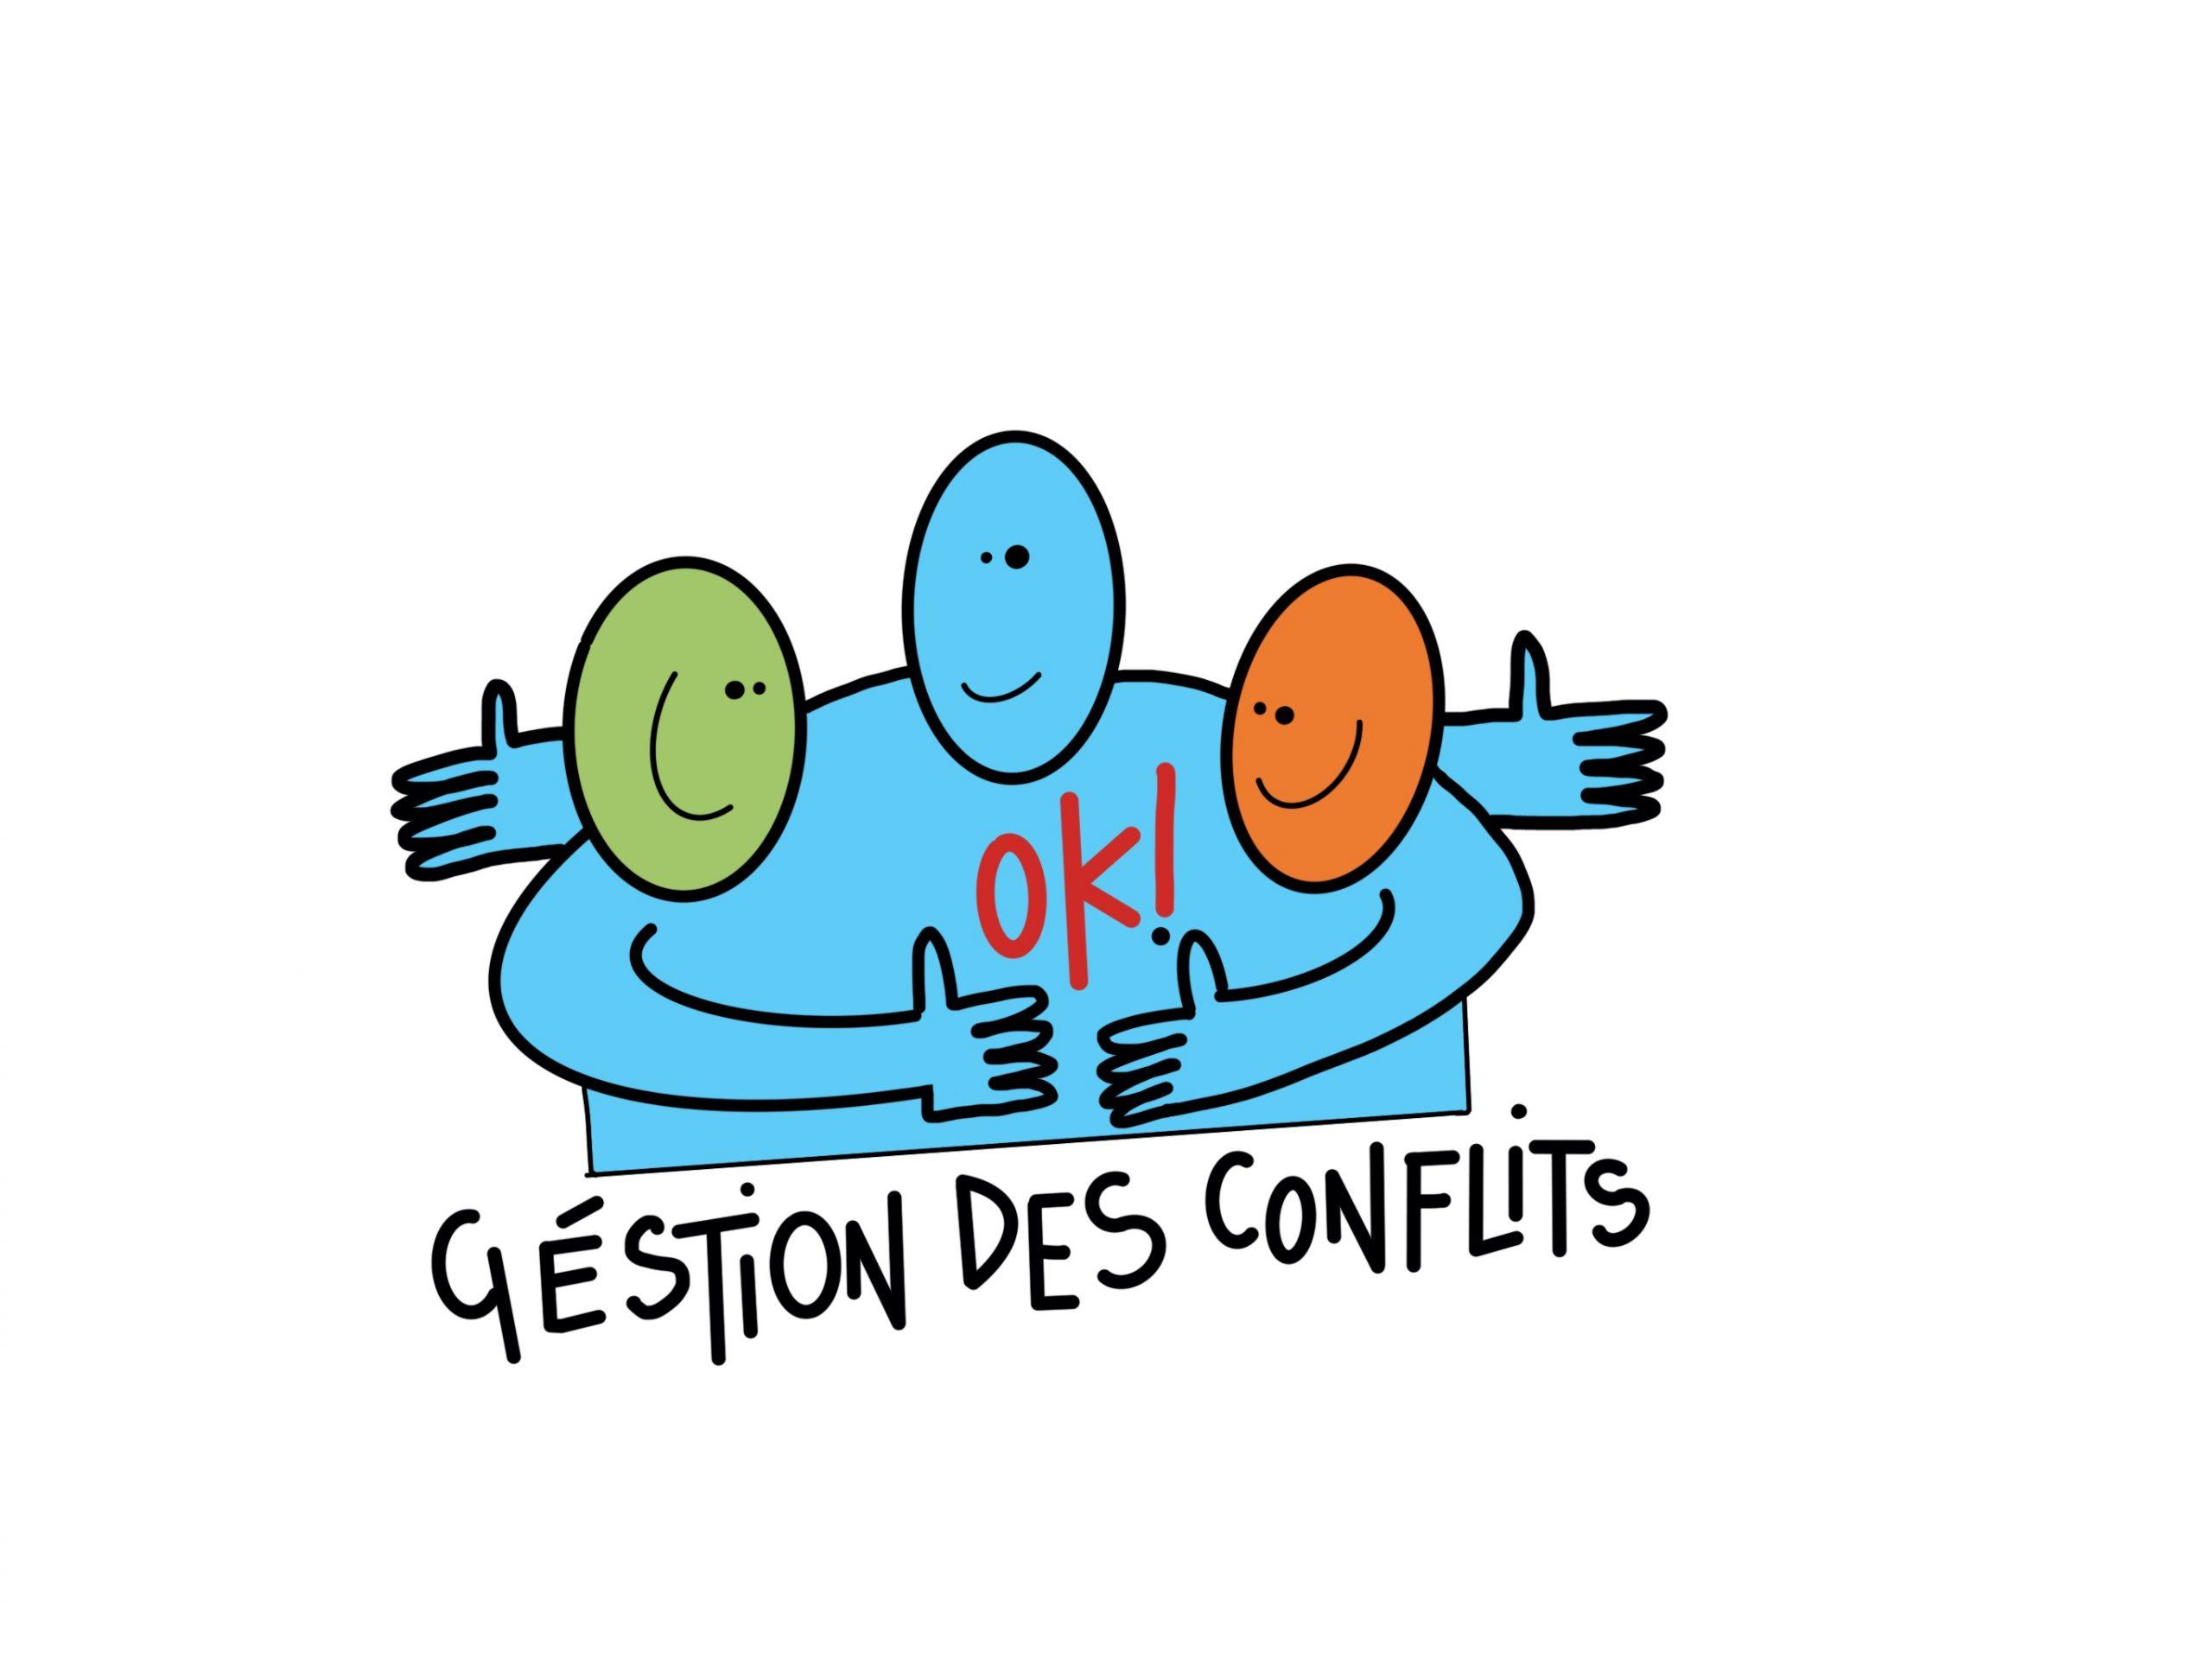 Gestion_Des_Conflits EN HAUT DE L'AFFICHE